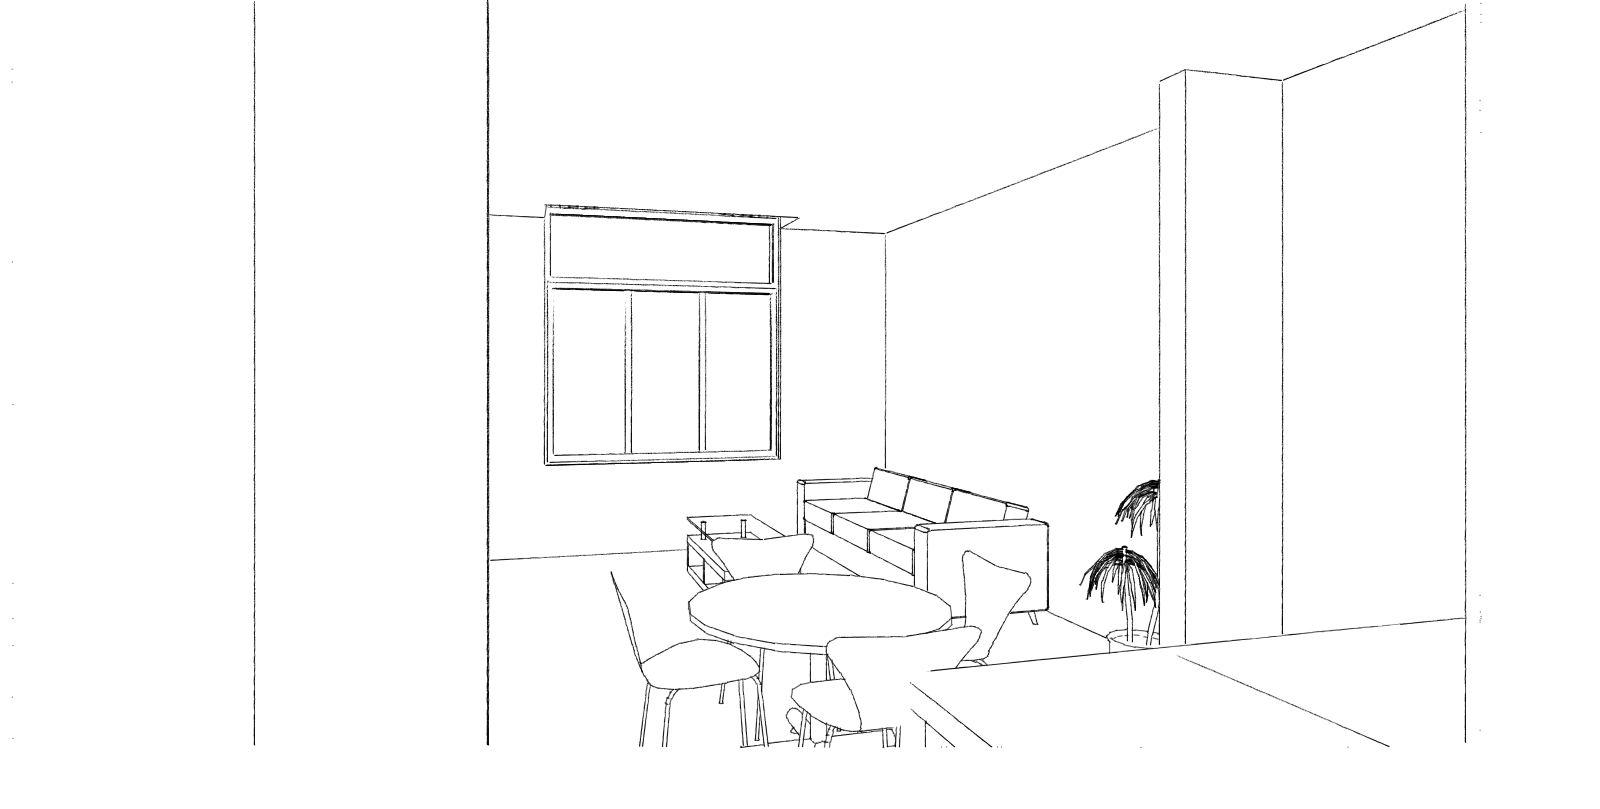 16.03 Atelier permis de construire nord maison La Chapelle d'Armentières8